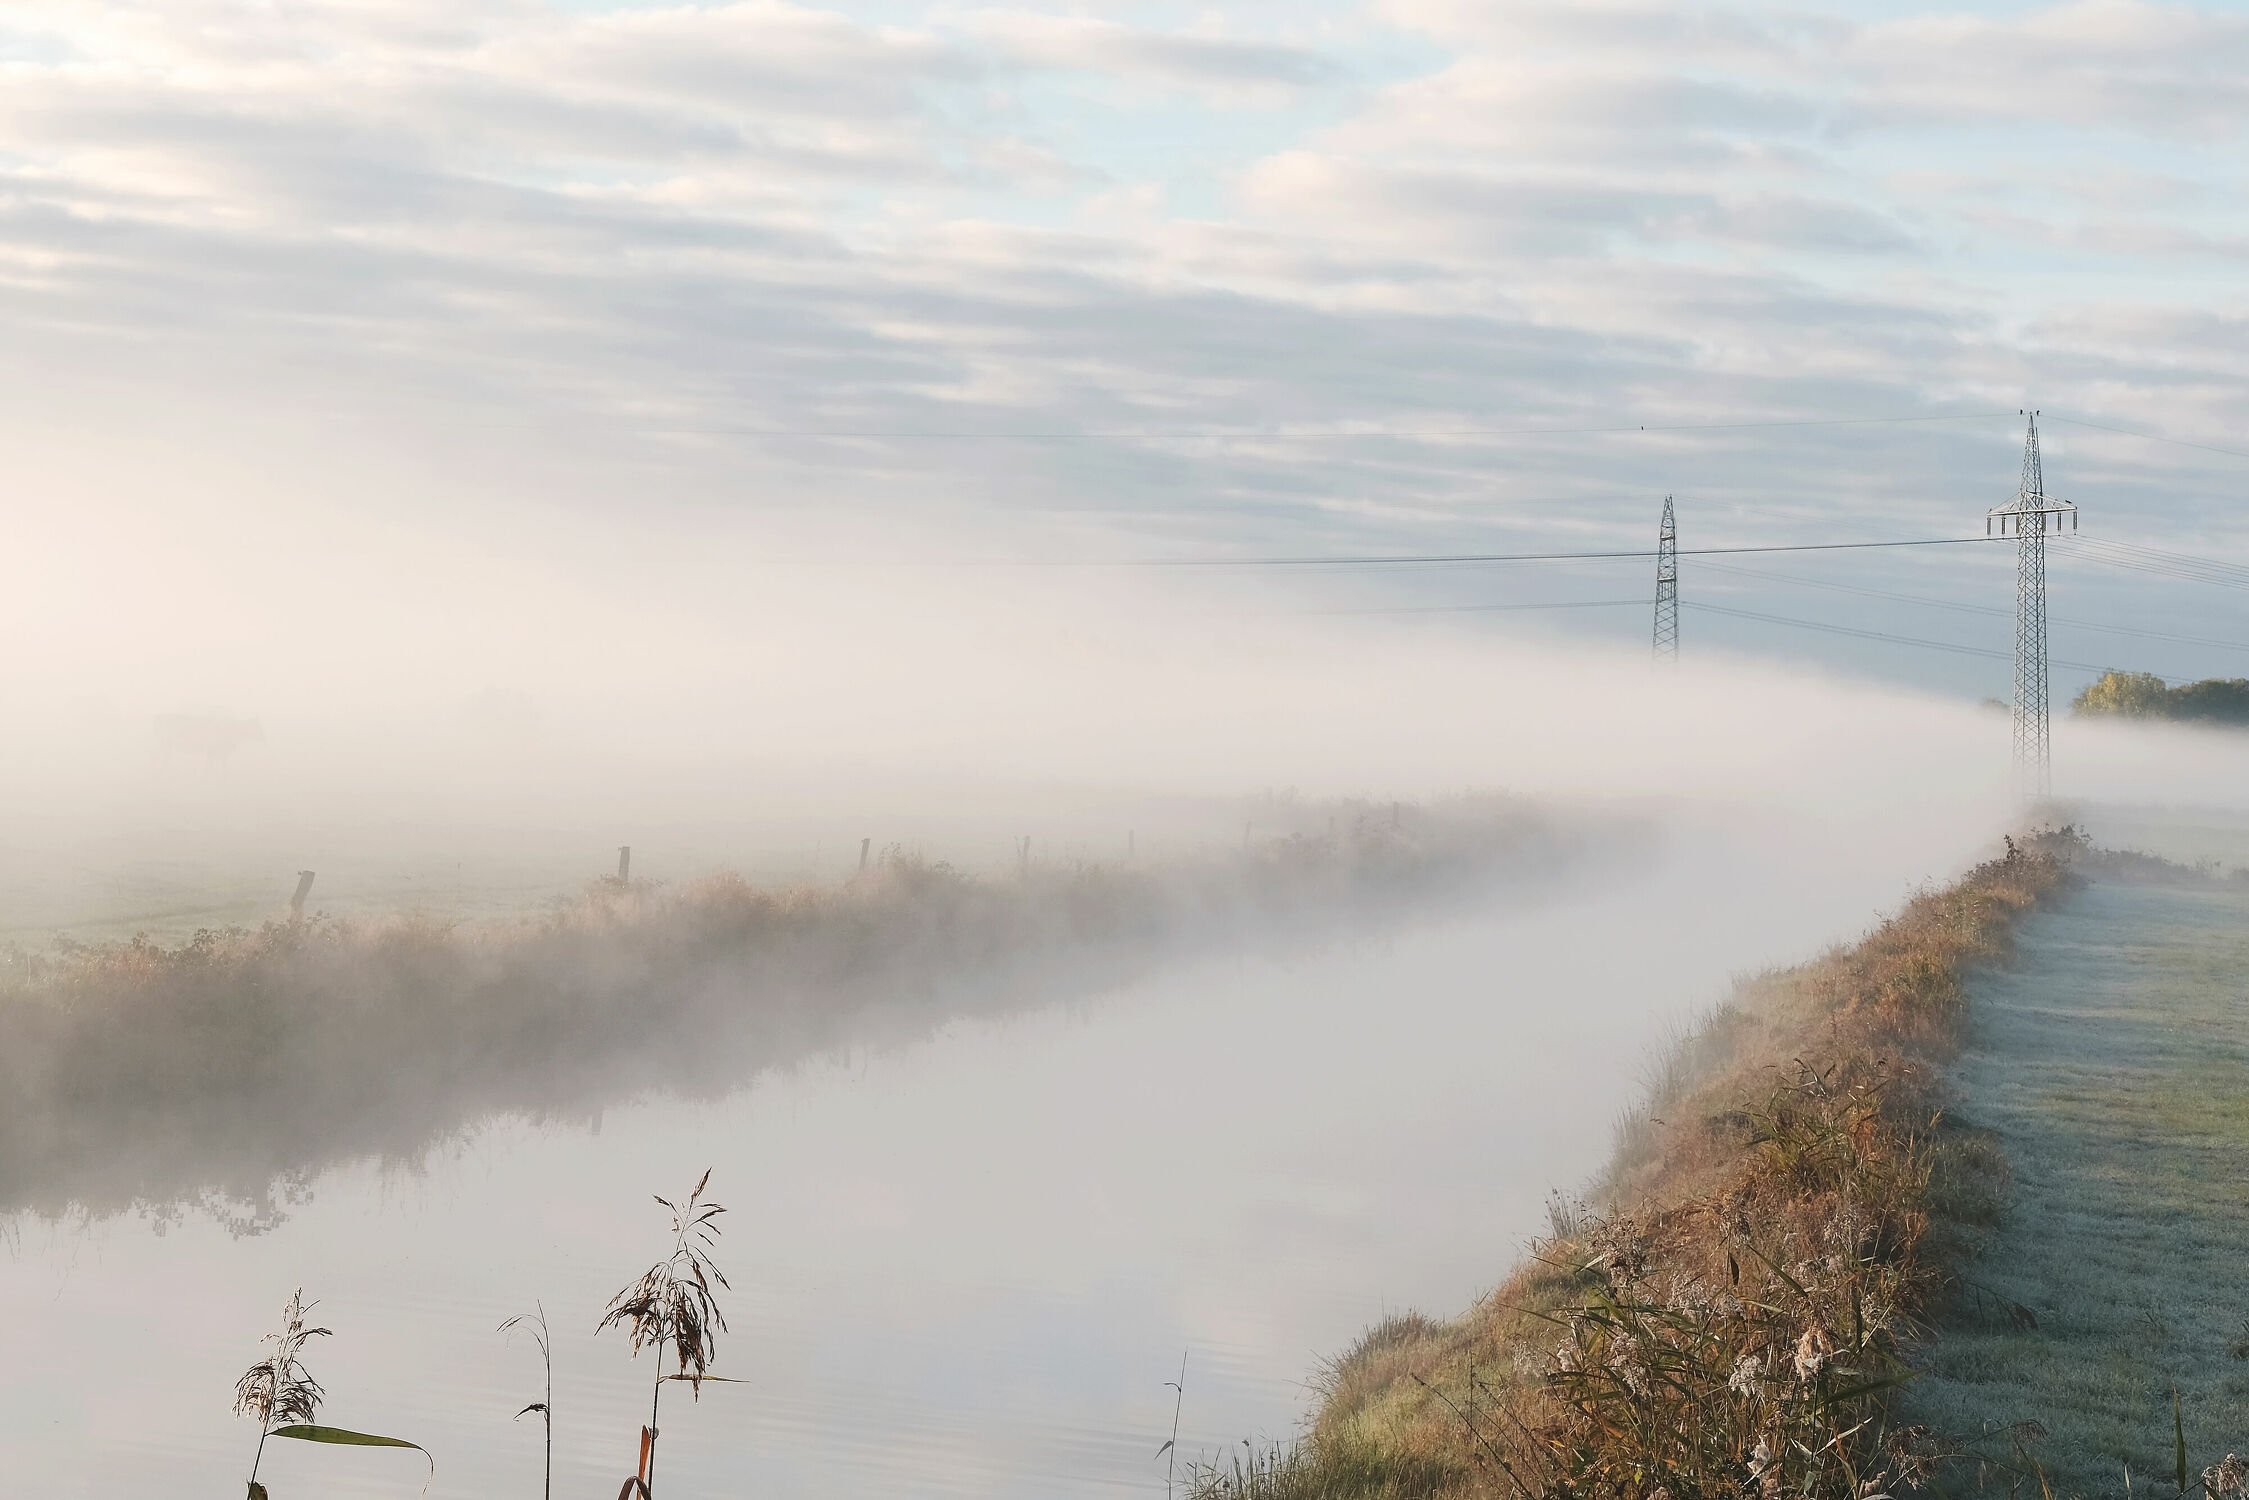 Bild mit Gräser, Gewässer, Kanäle, Vögel, Energie, Ufer, Masten, Nebelfelder, frühem_ Morgen